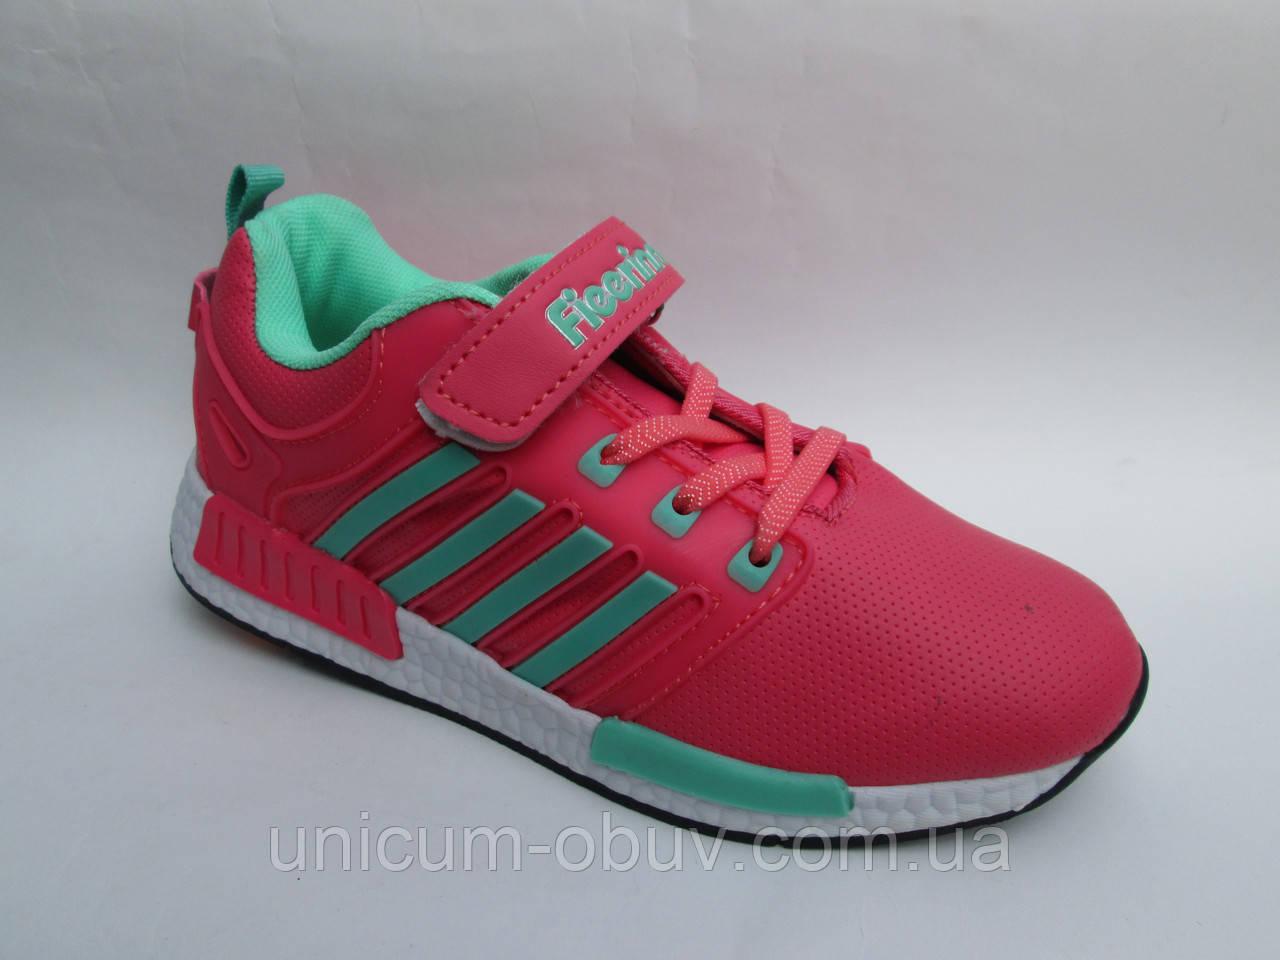 59cad7603 Детская спортивная обувь оптом.Кроссовки фирмы Fieerini(разм с 32 по 37),  цена 180 грн., купить в Одессе — Prom.ua (ID#337663851)